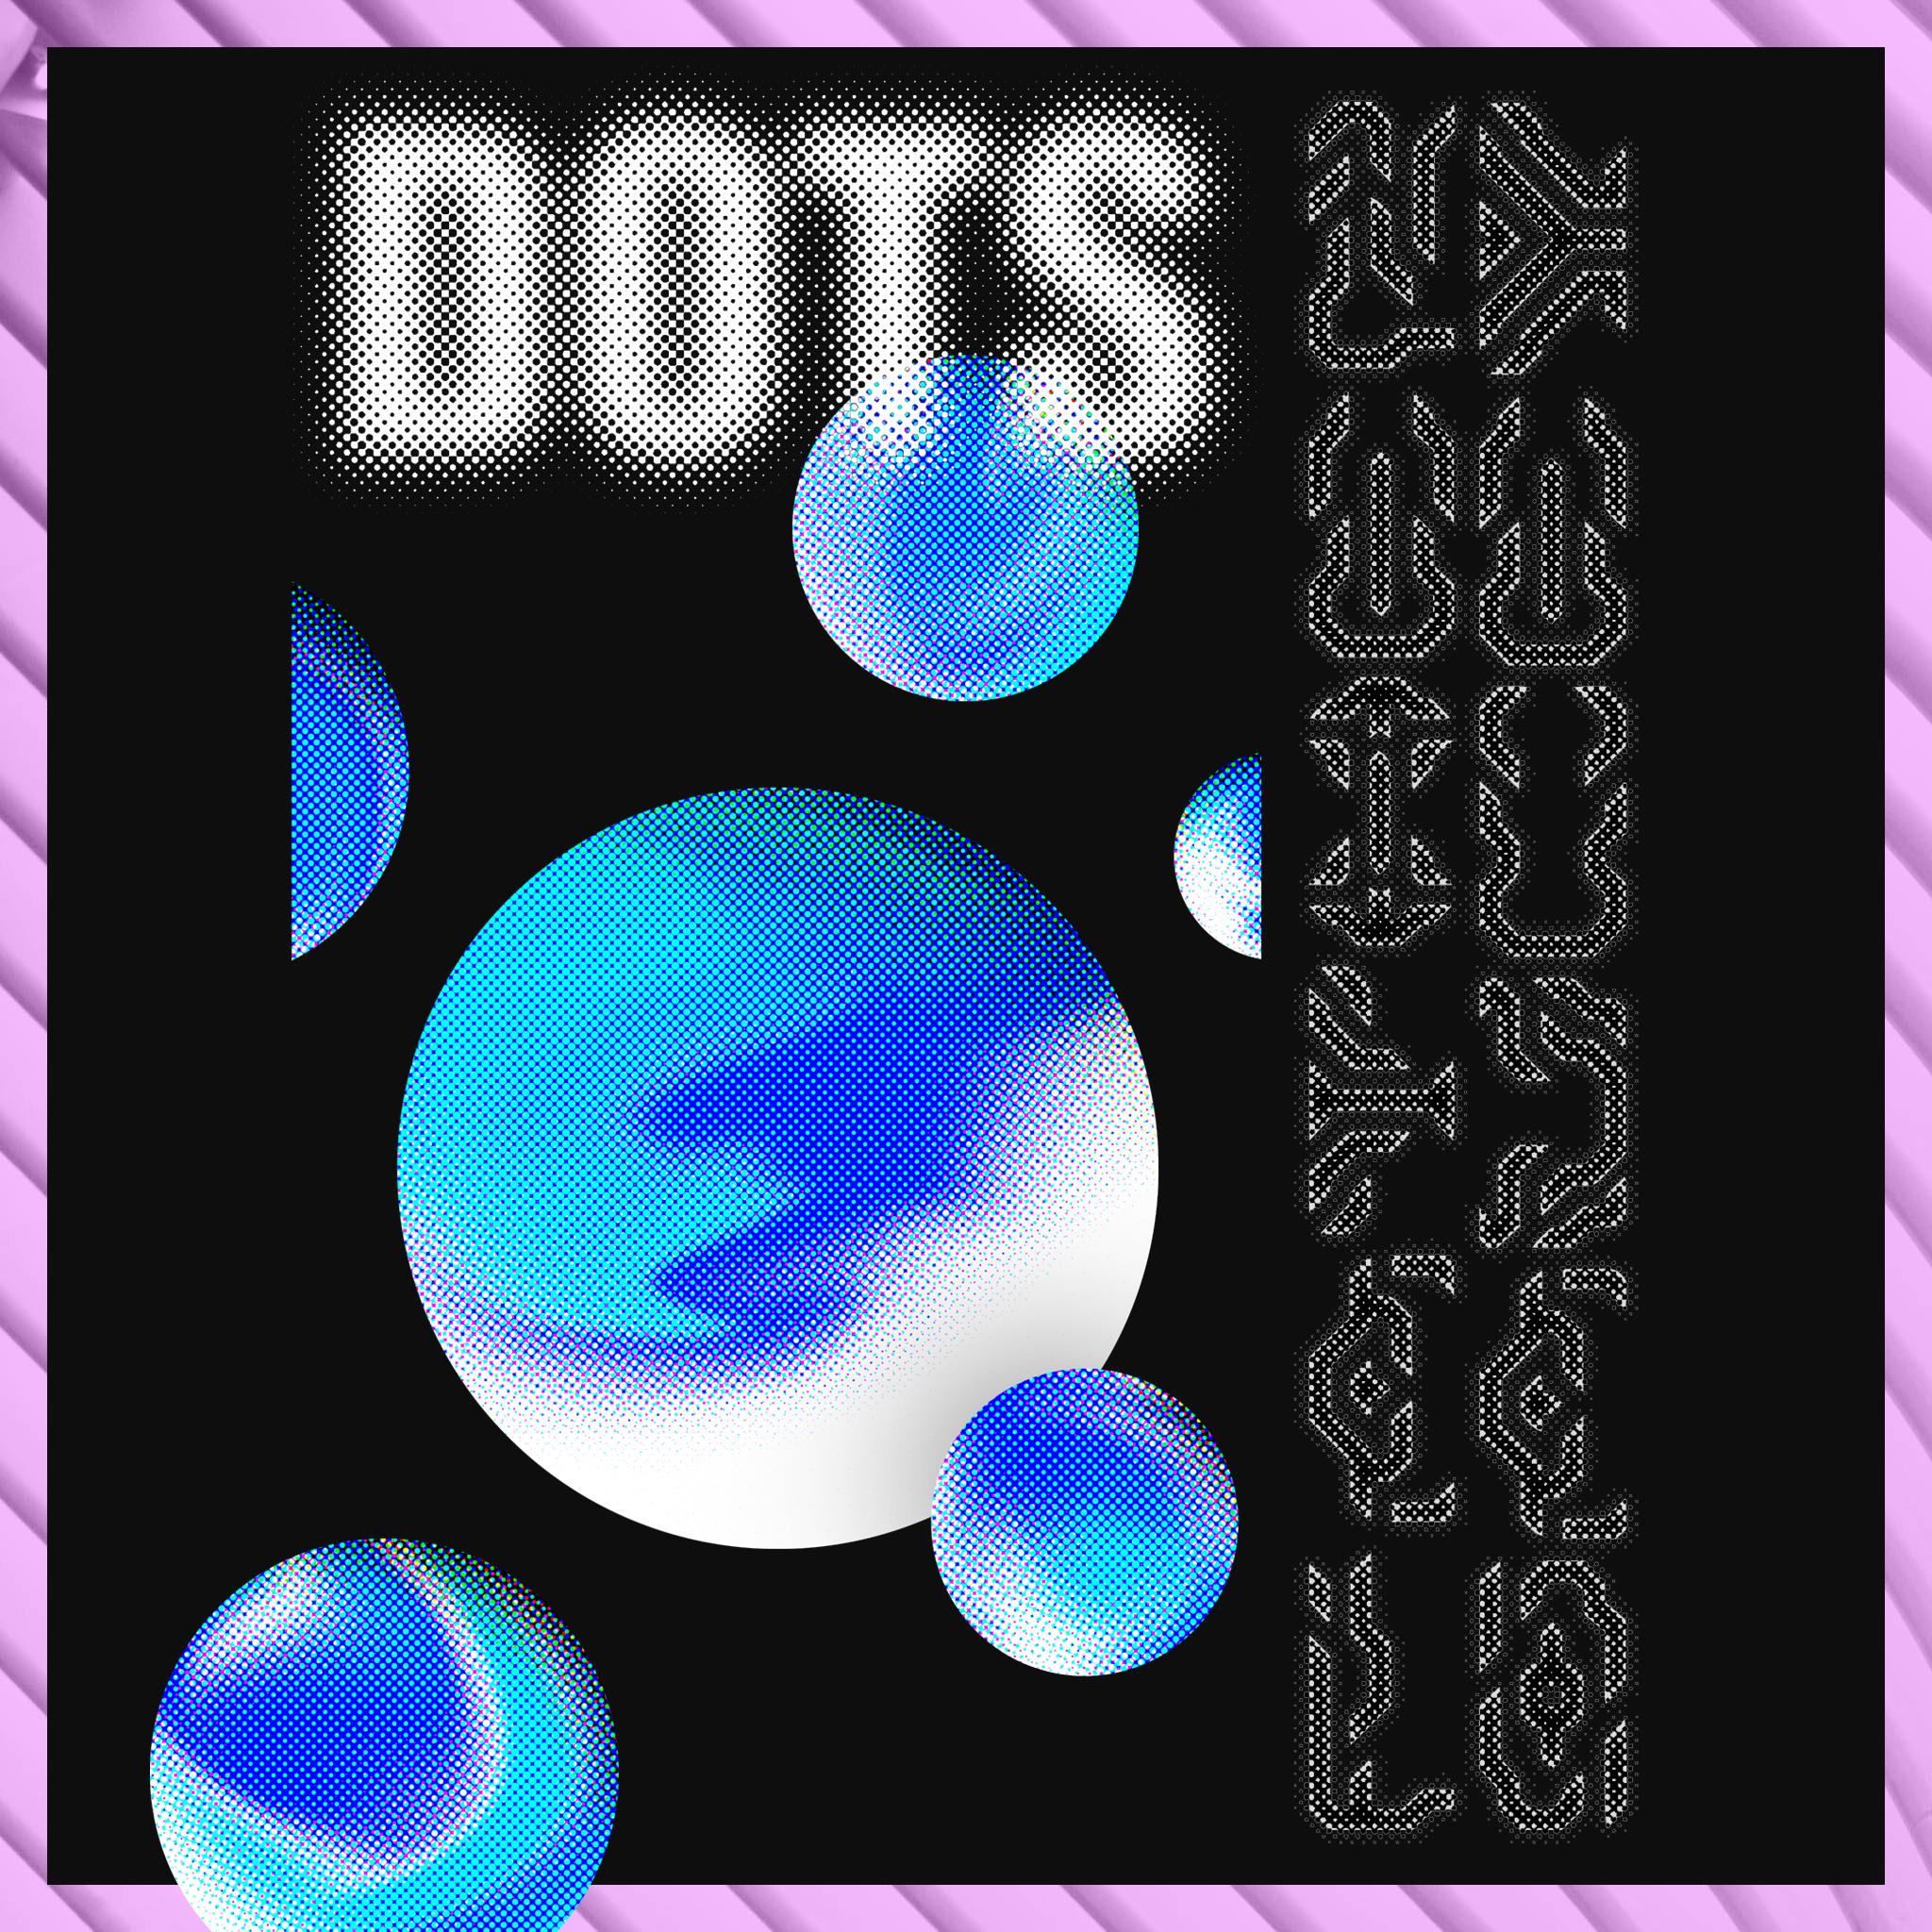 _dots_0001_v2_r2.jpg